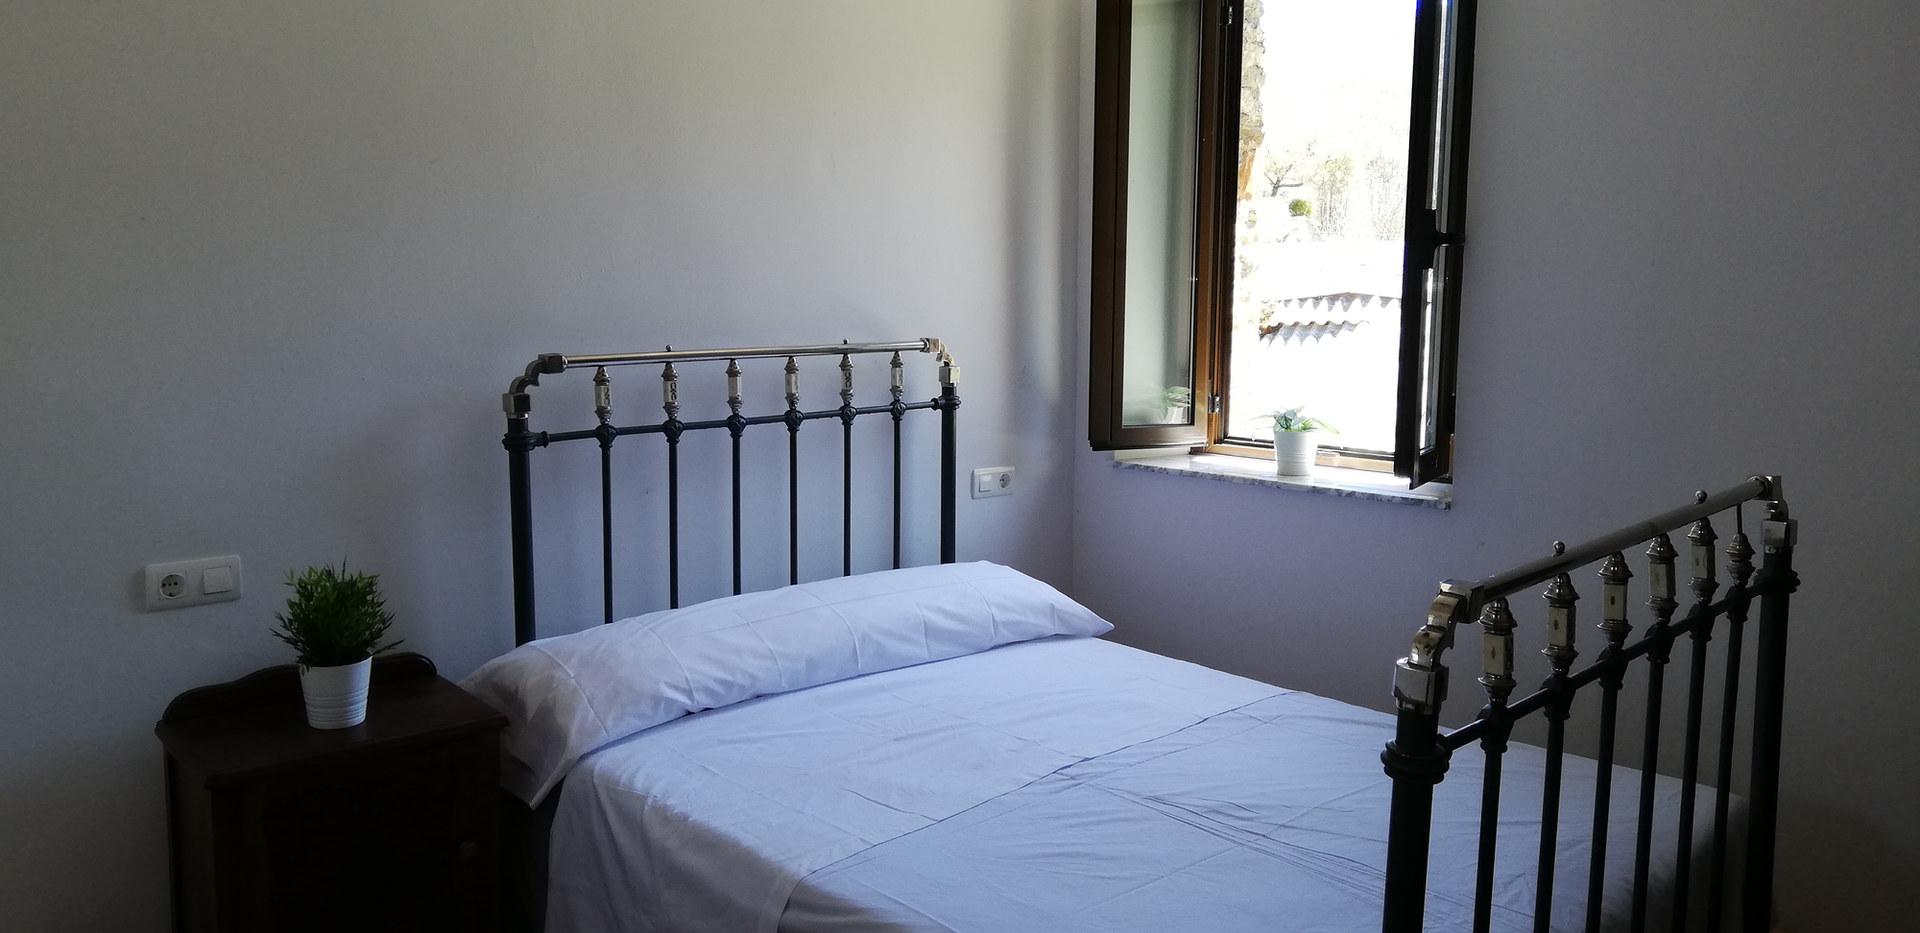 Dormitorio matrimonial. Casa de 6 plazas.